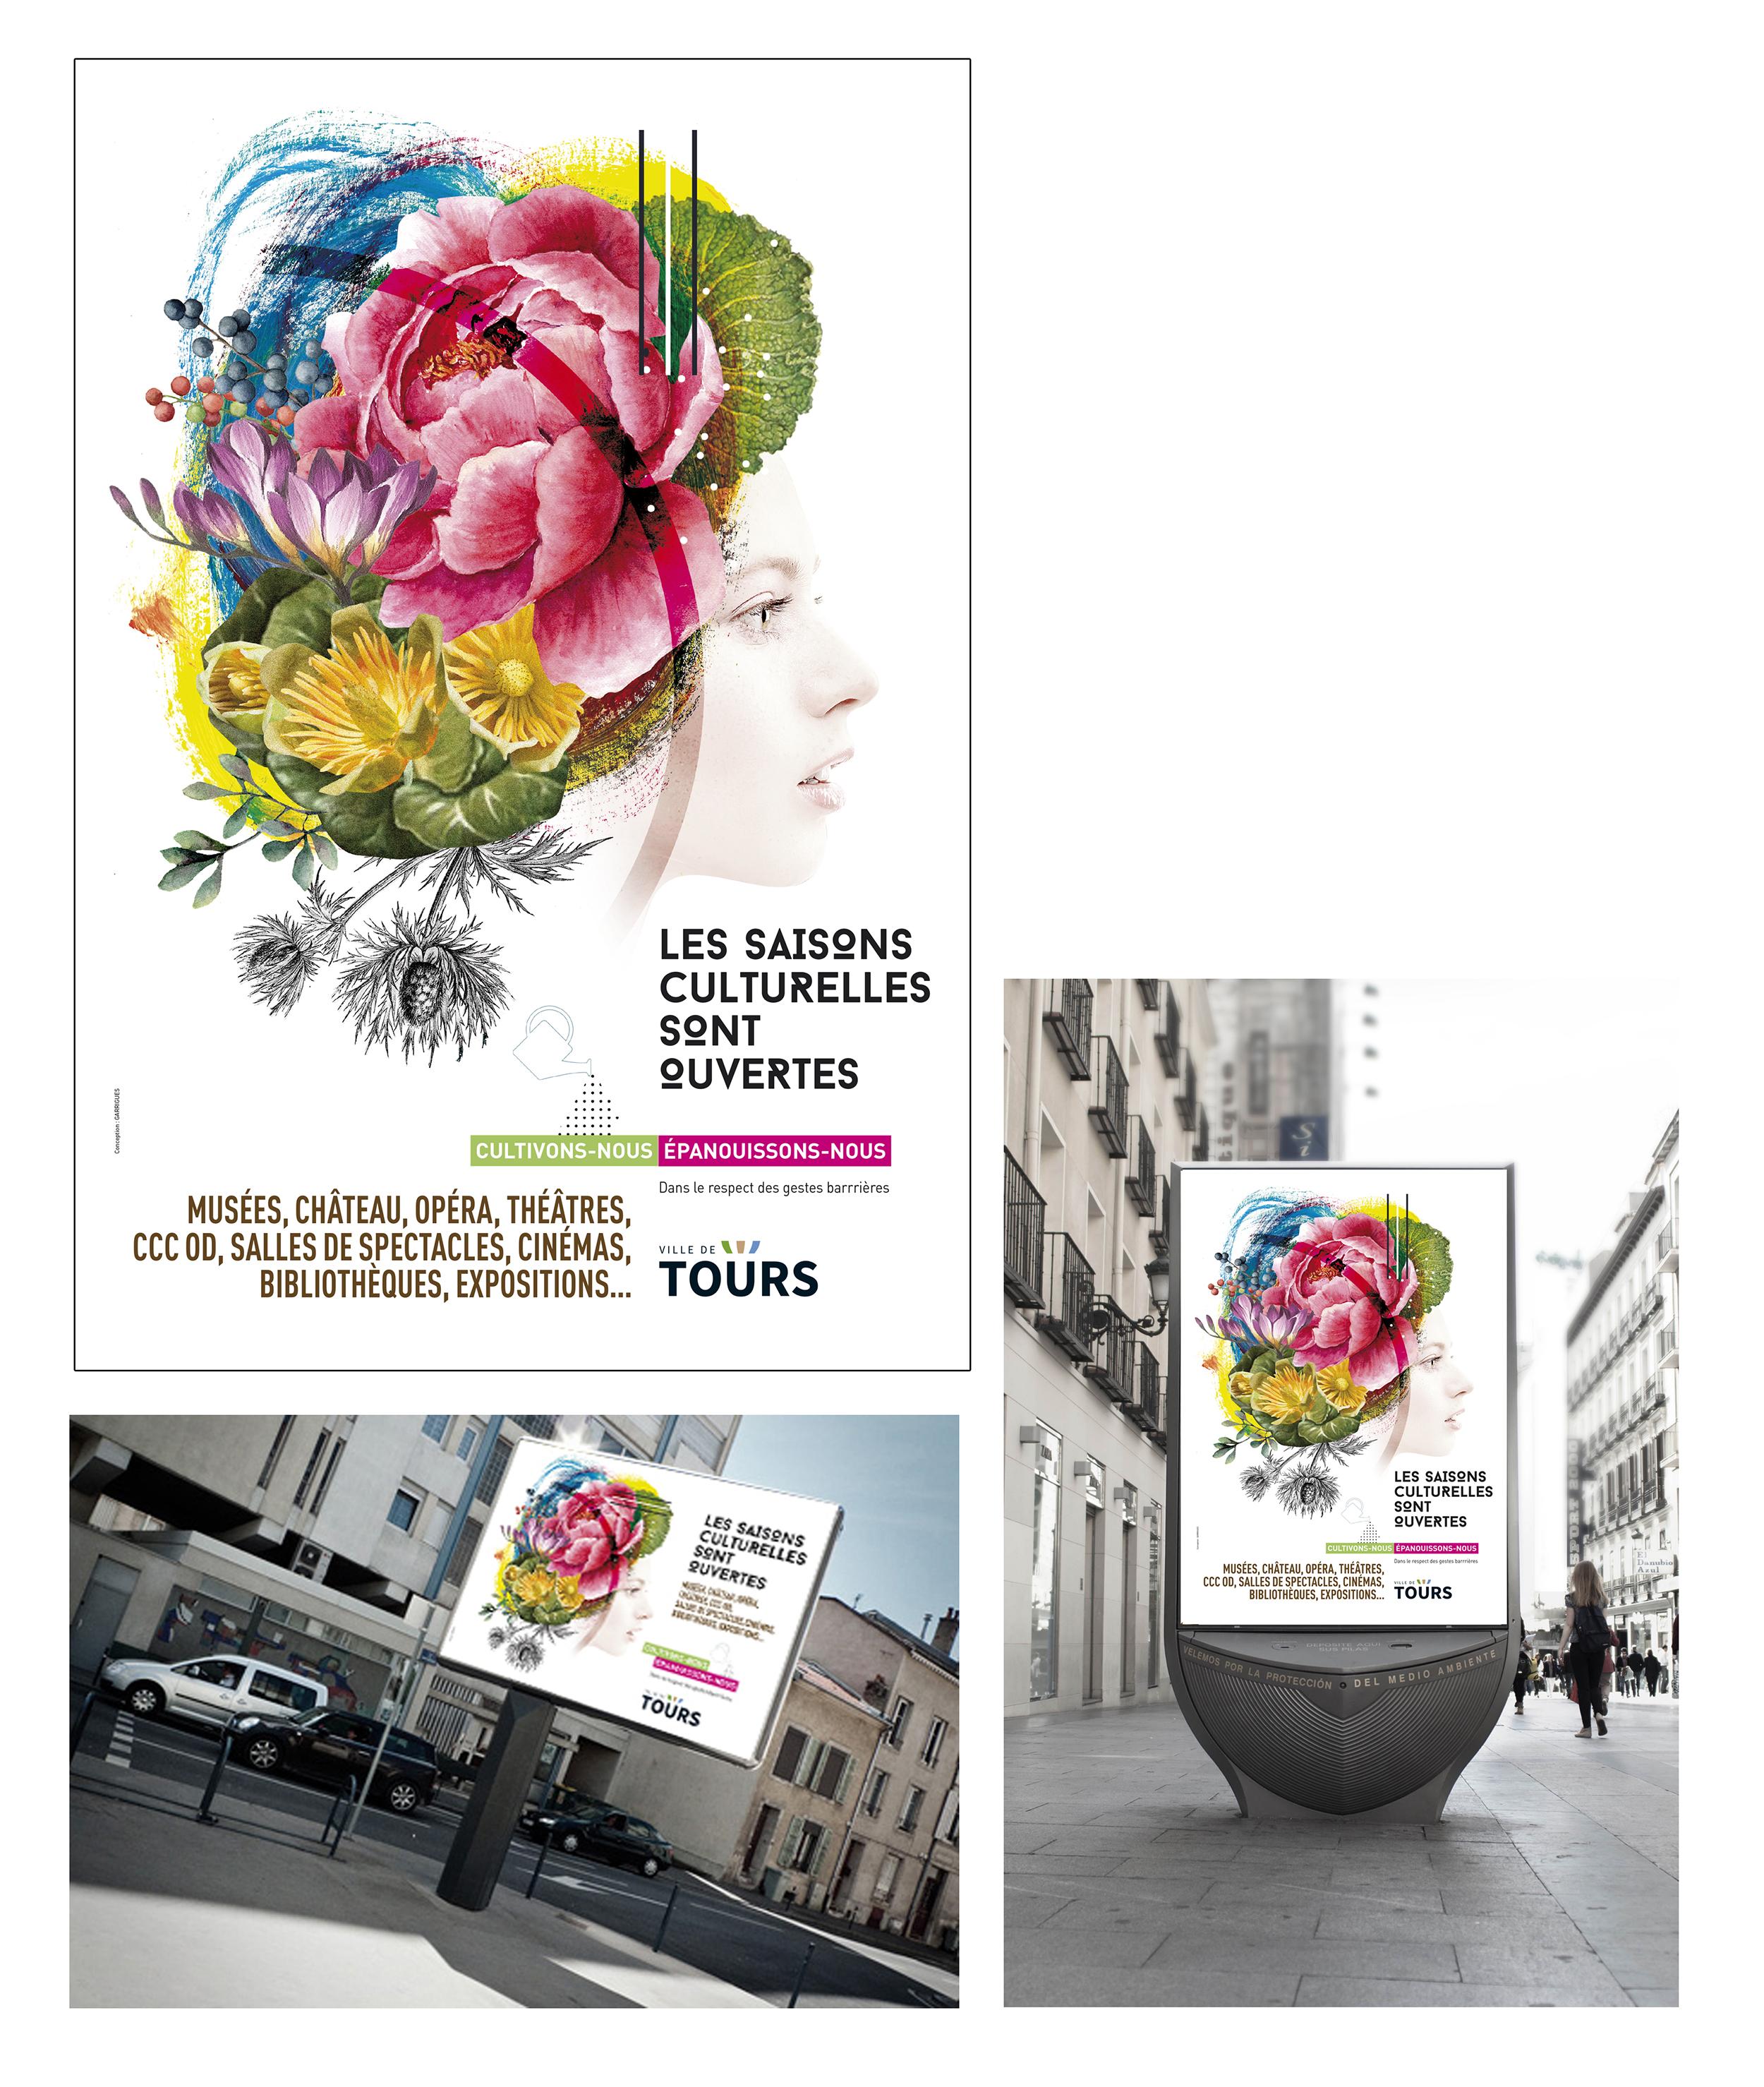 création graphique conception visuel affiche saison culturelle Tours